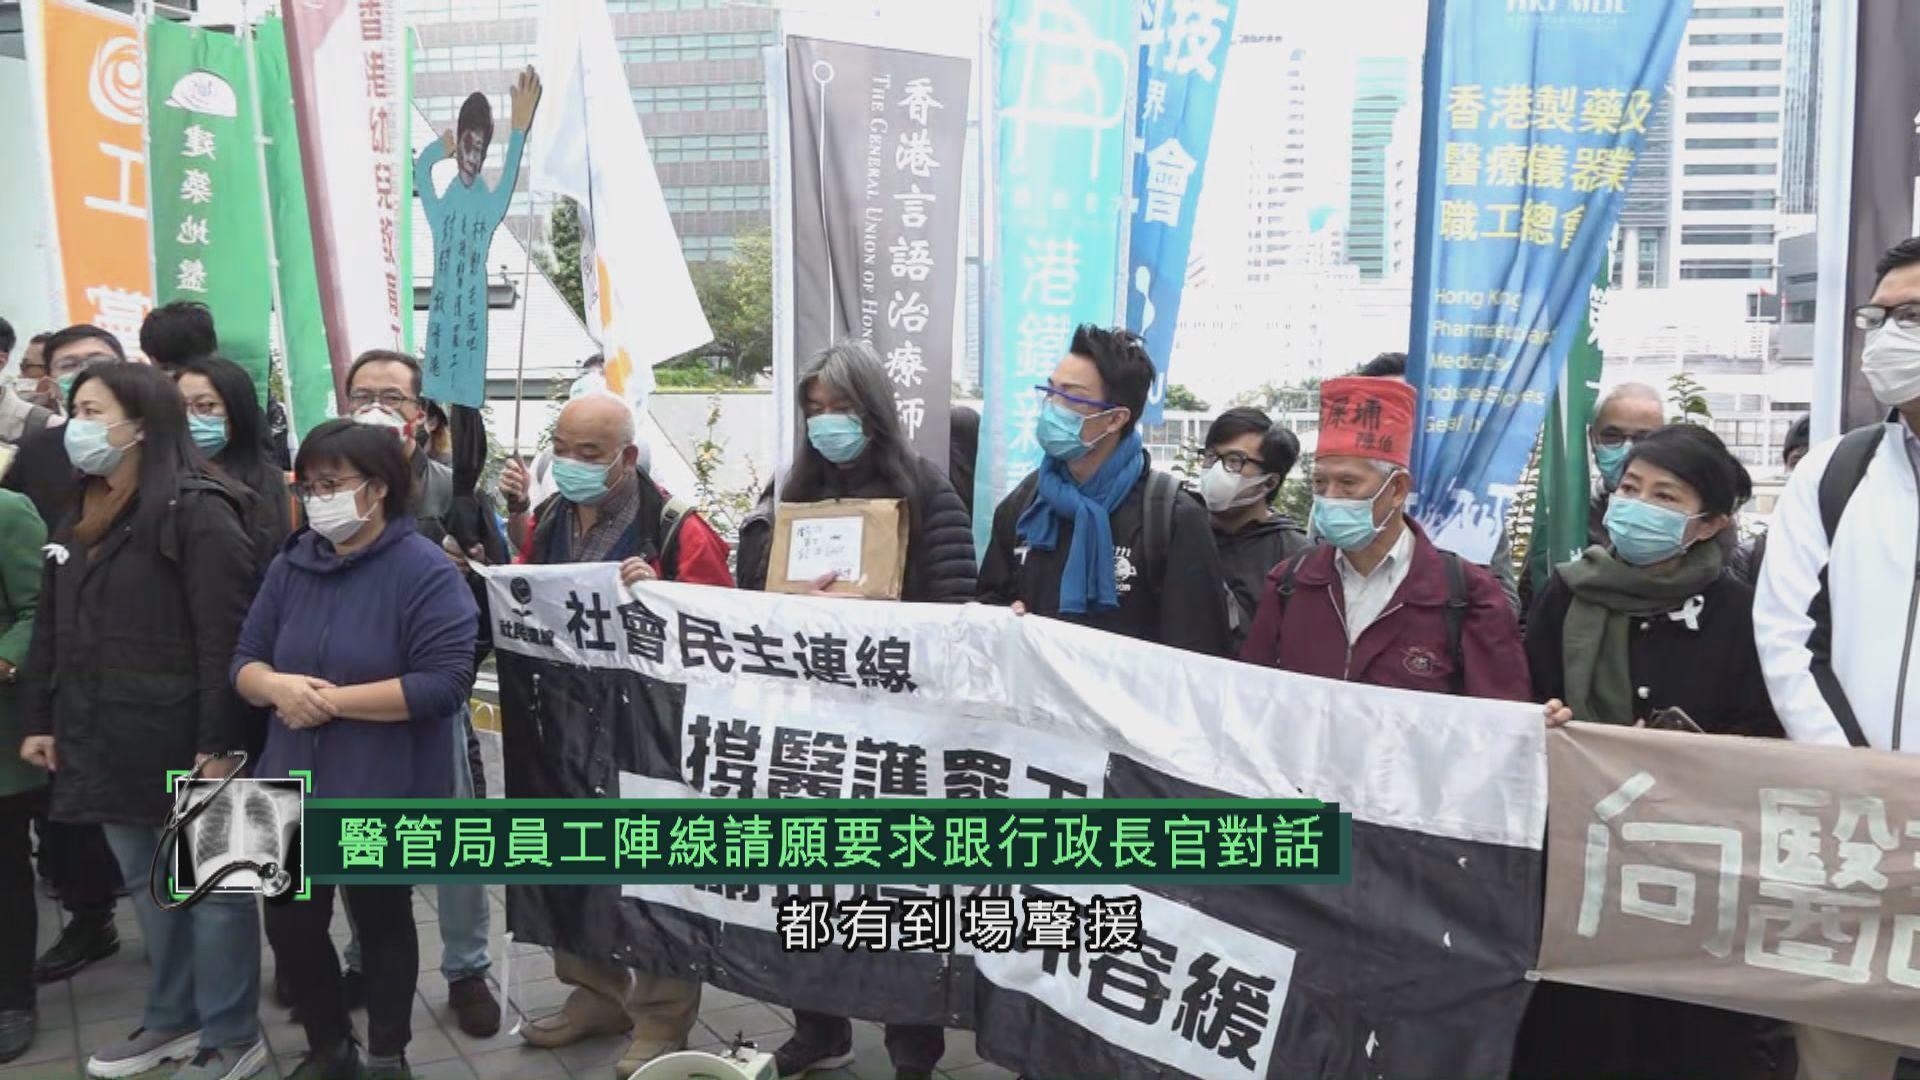 醫管局員工陣線罷工第三日 逾百人請願要求跟林鄭對話